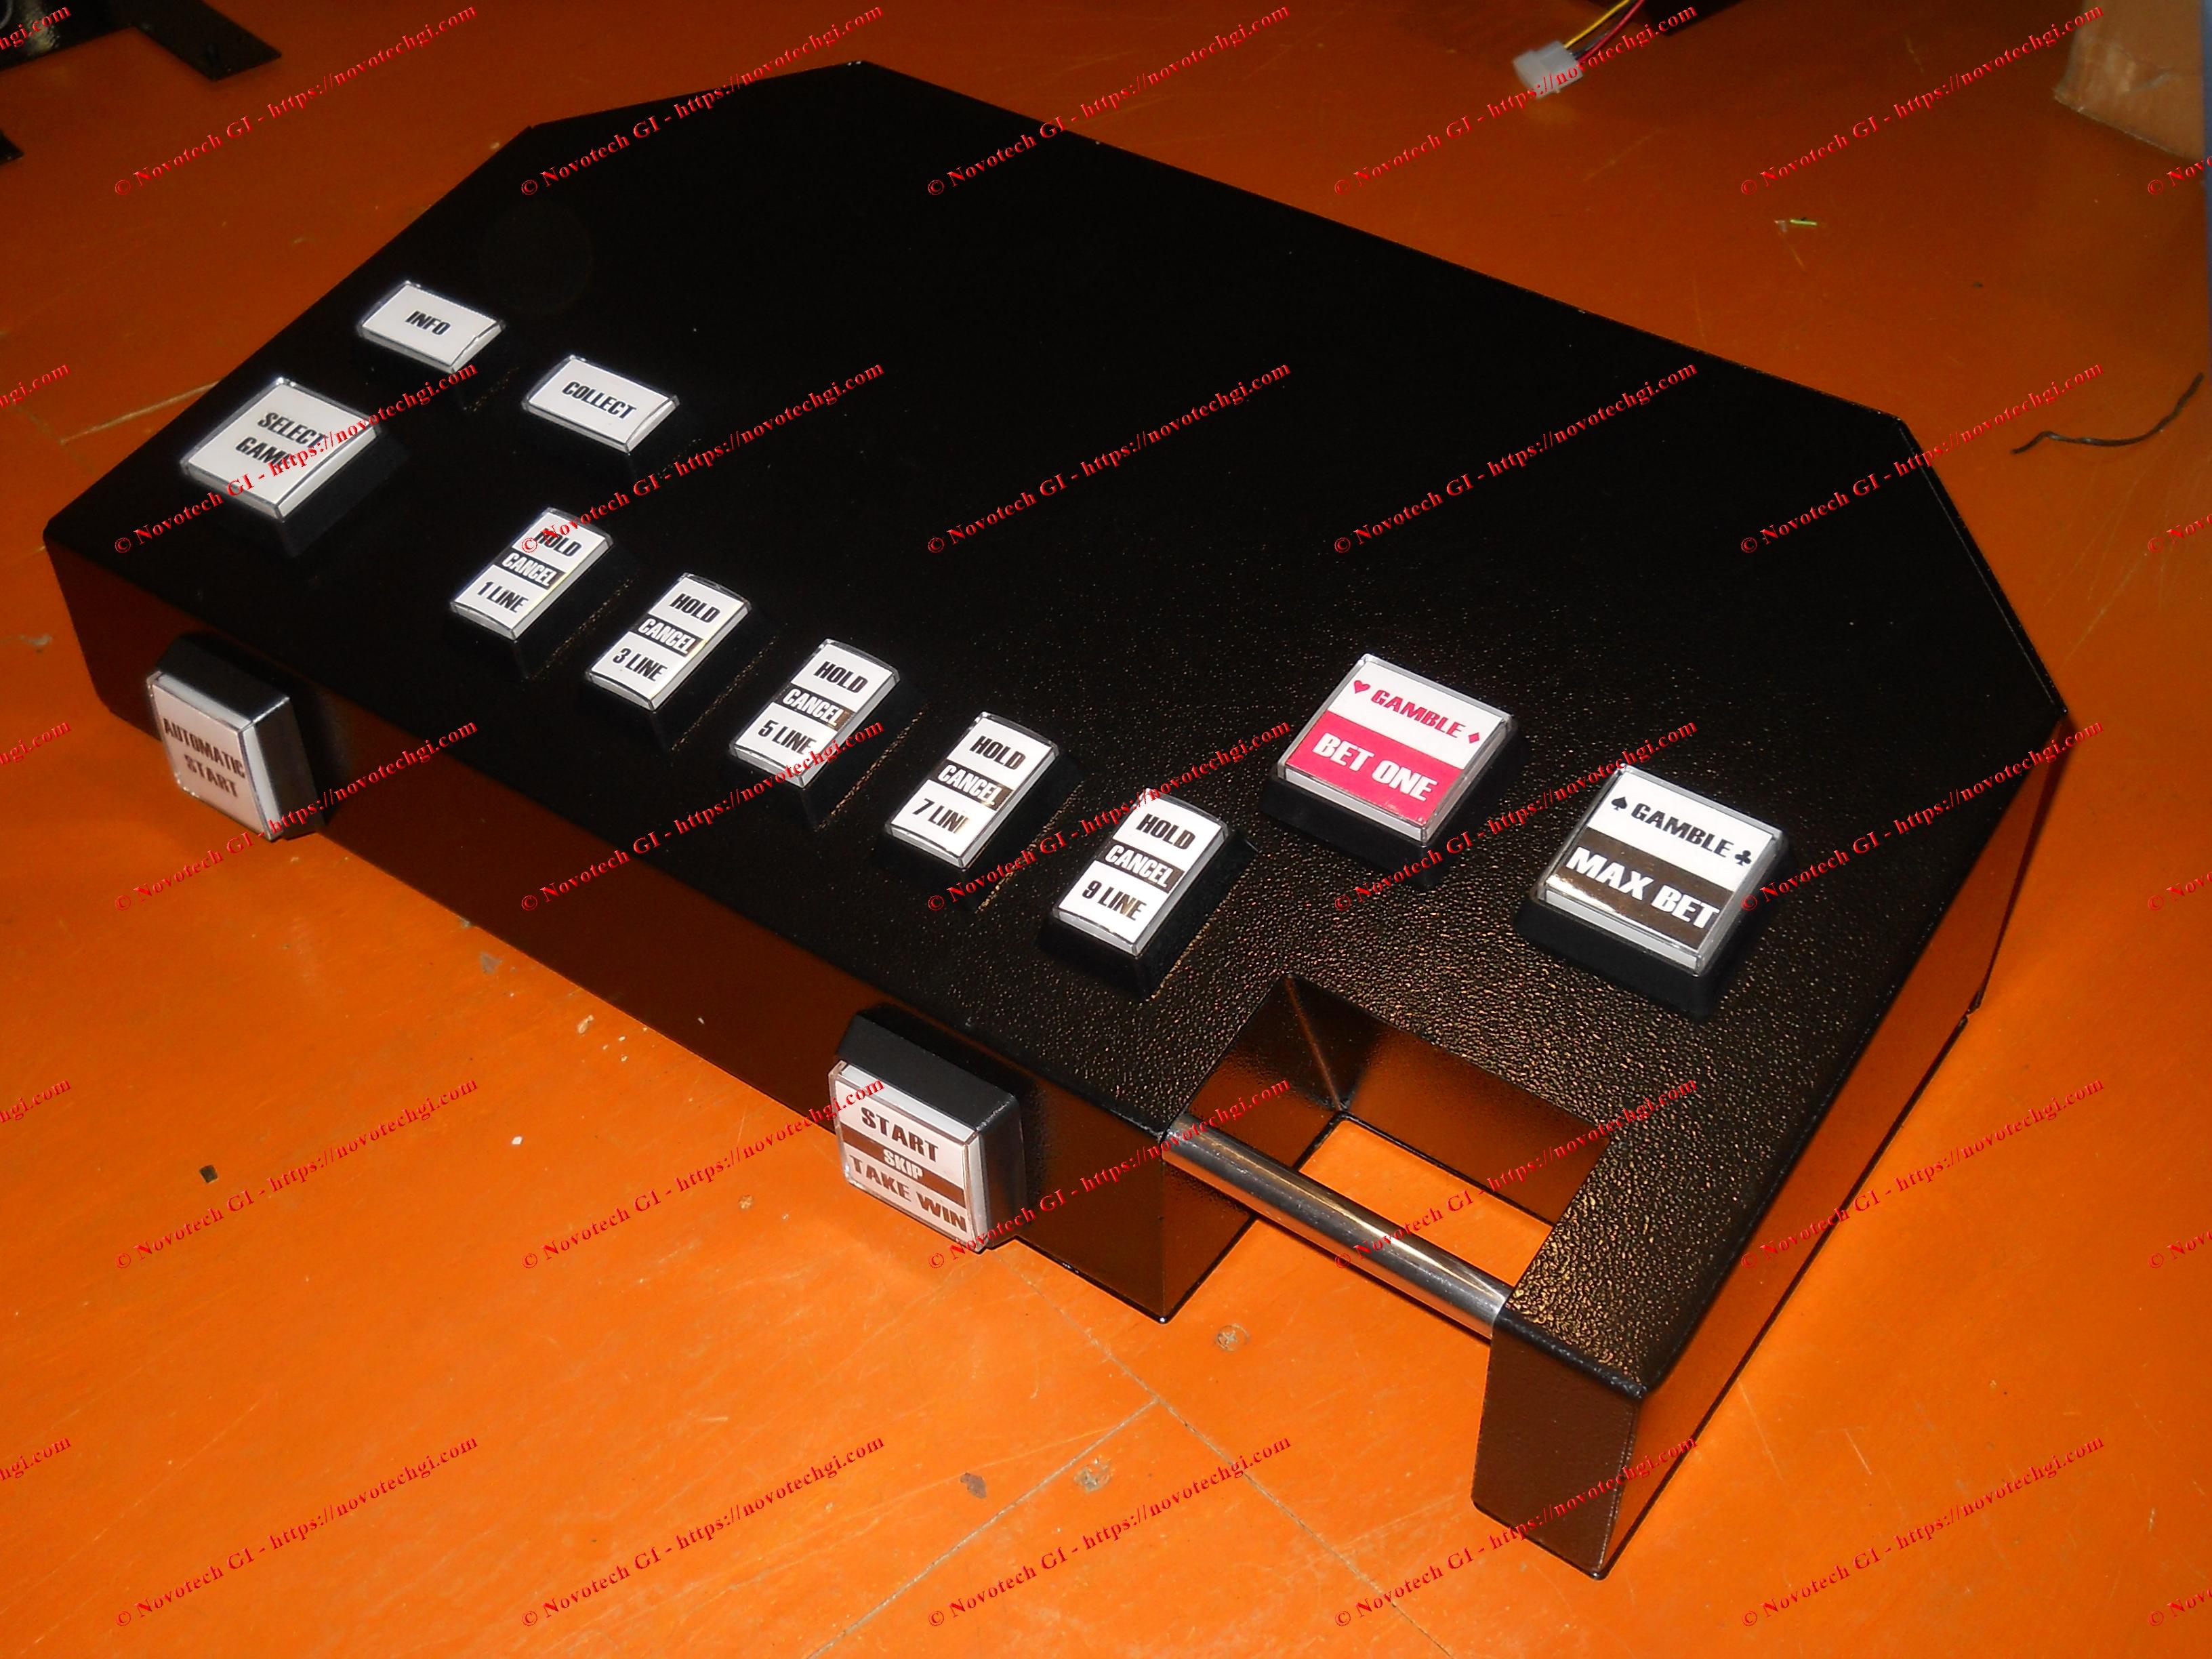 Как передвинуть игровые автоматы в рецидивистах игра кровные узы игровые автоматы мишка и пчеы